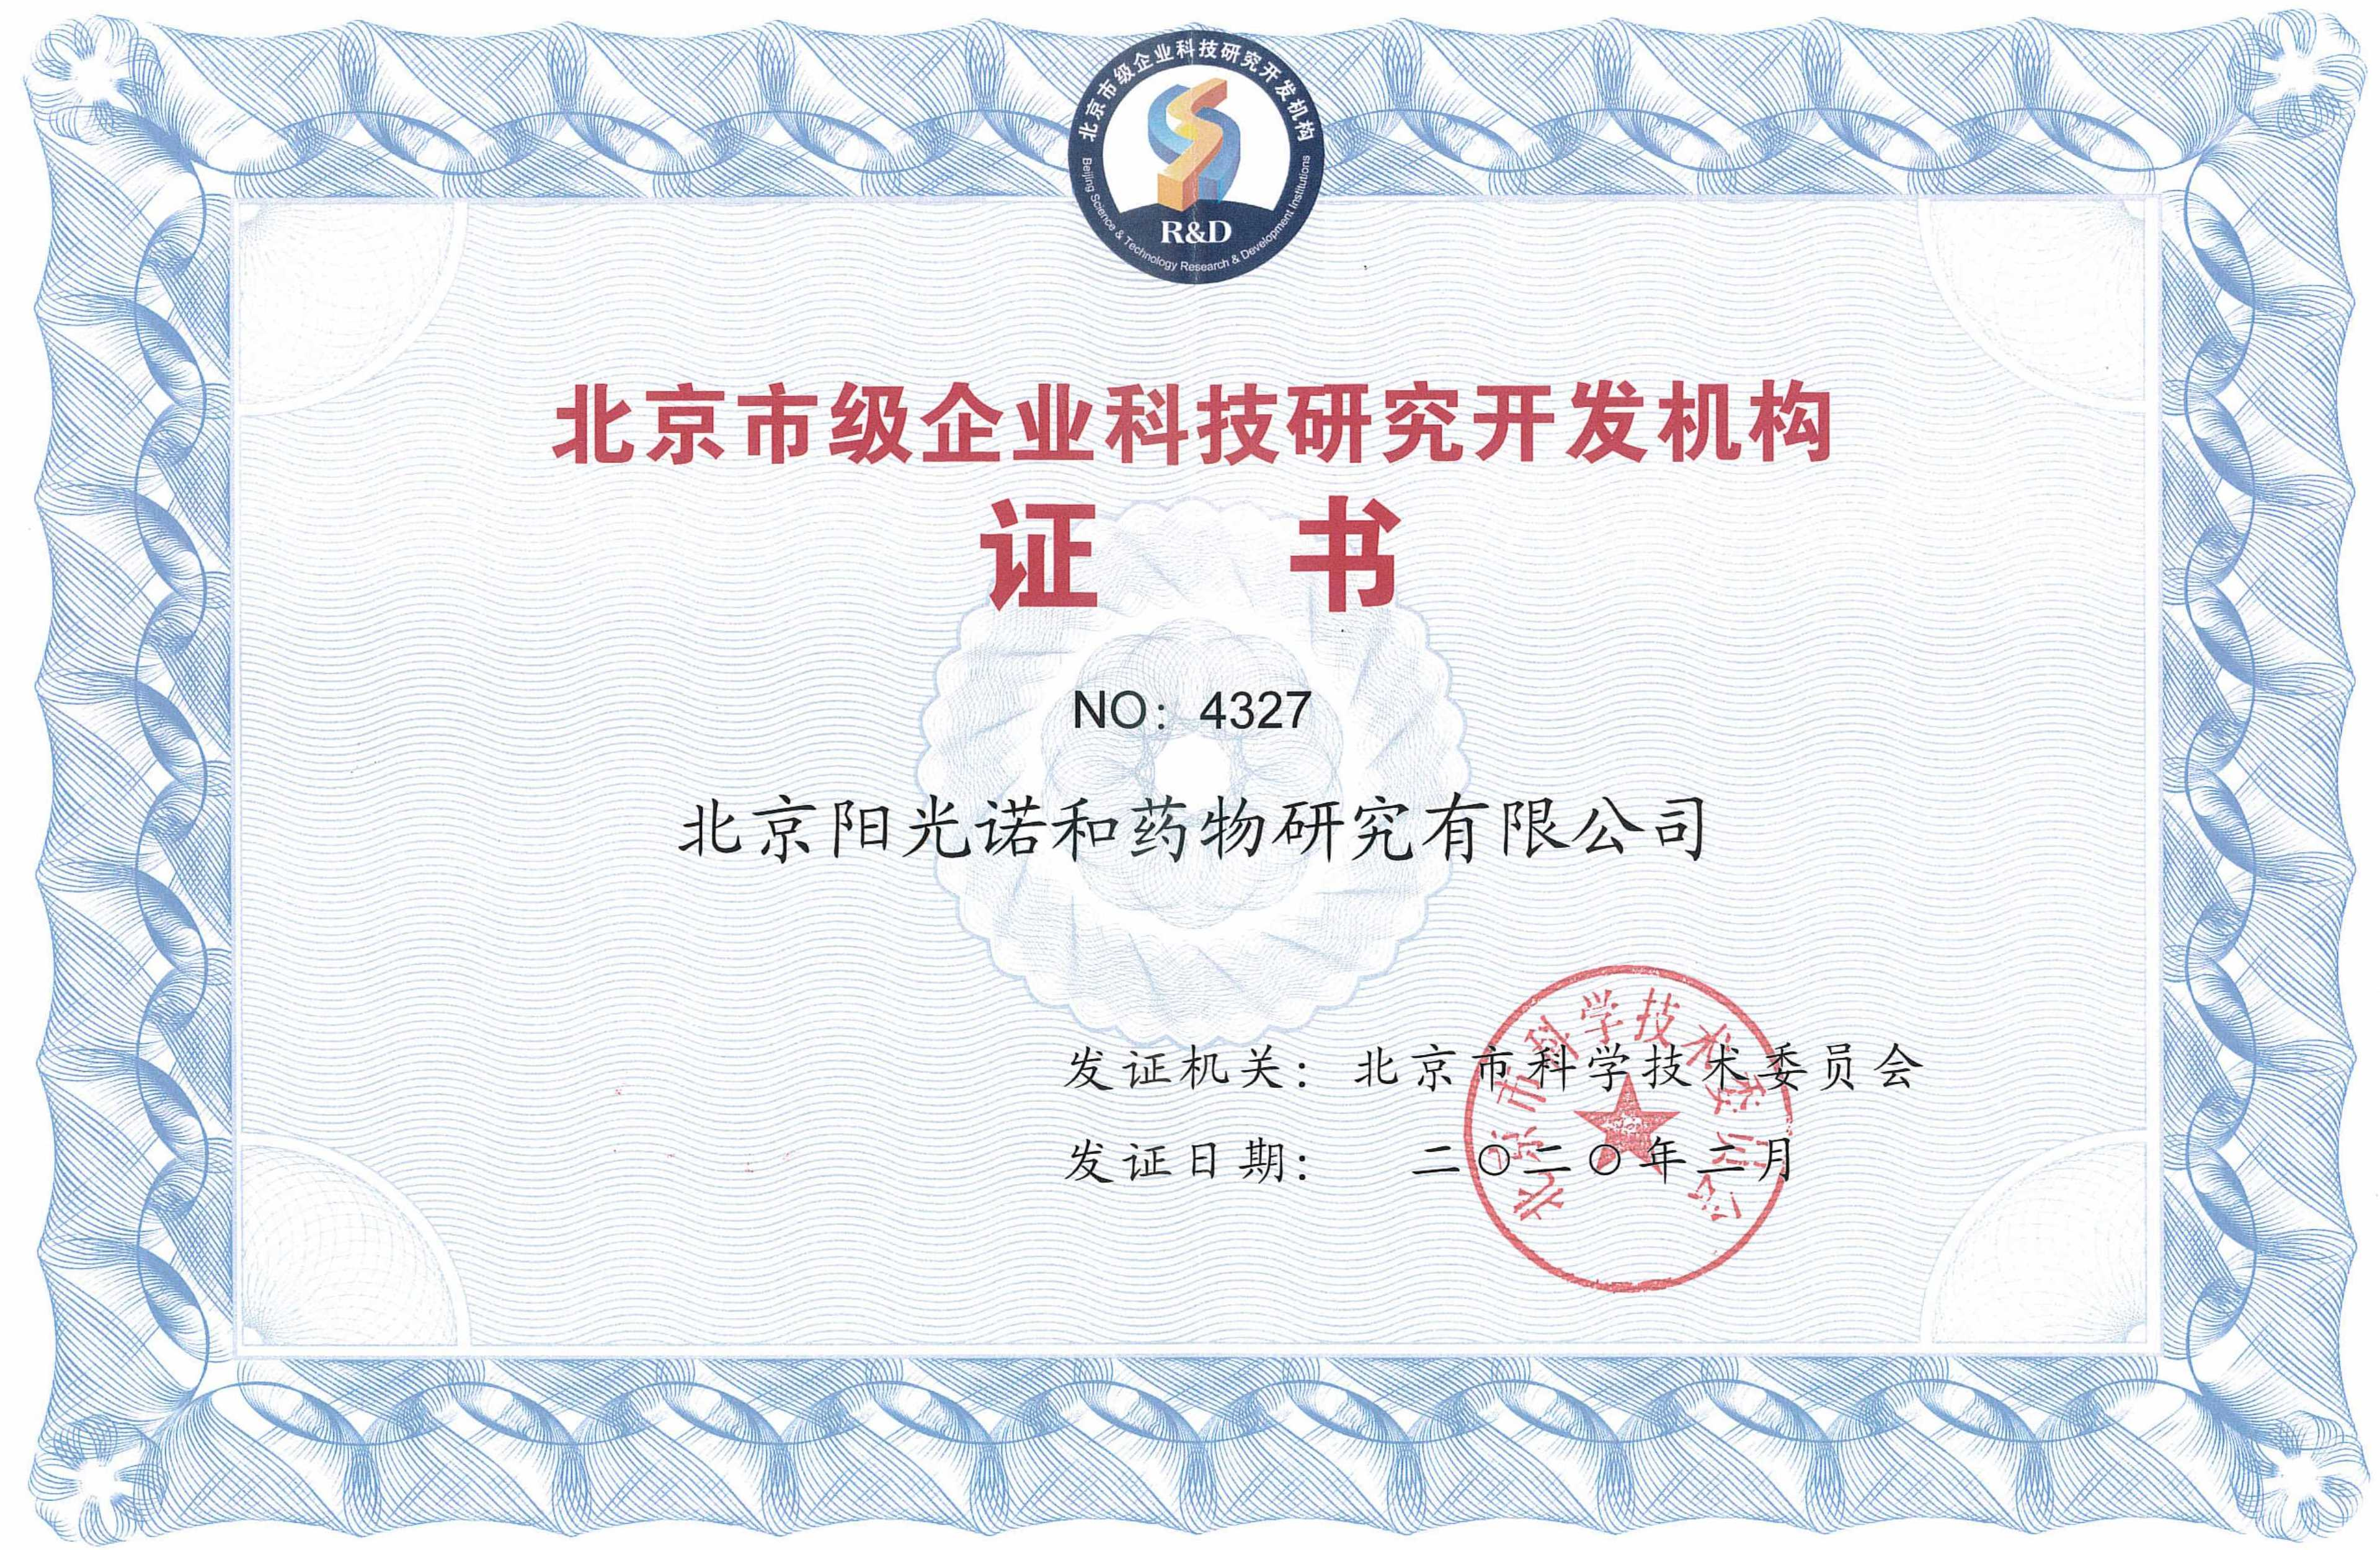 北京市級企業科技研究開發機構2020